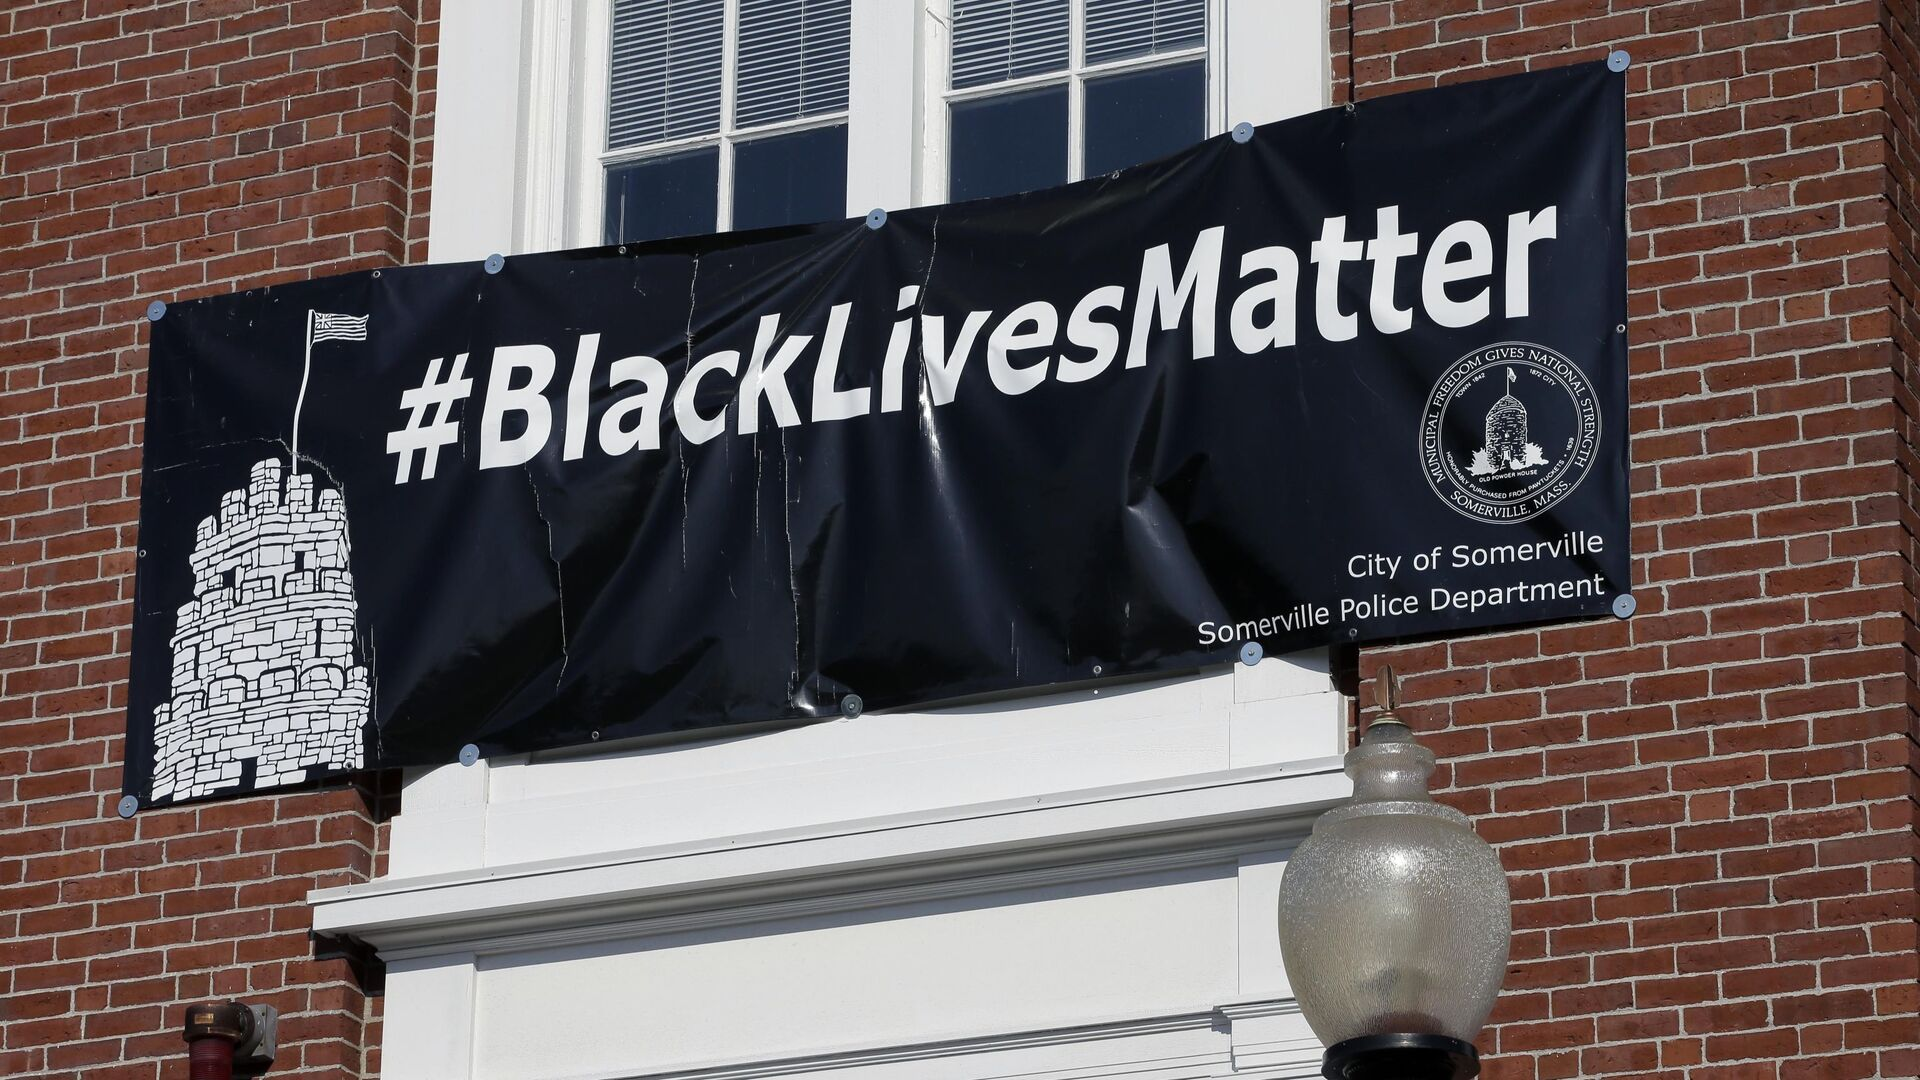 Баннер с надписью Black Lives Matter над главным входом в мэрию Сомервилля, США - Sputnik Česká republika, 1920, 25.06.2021